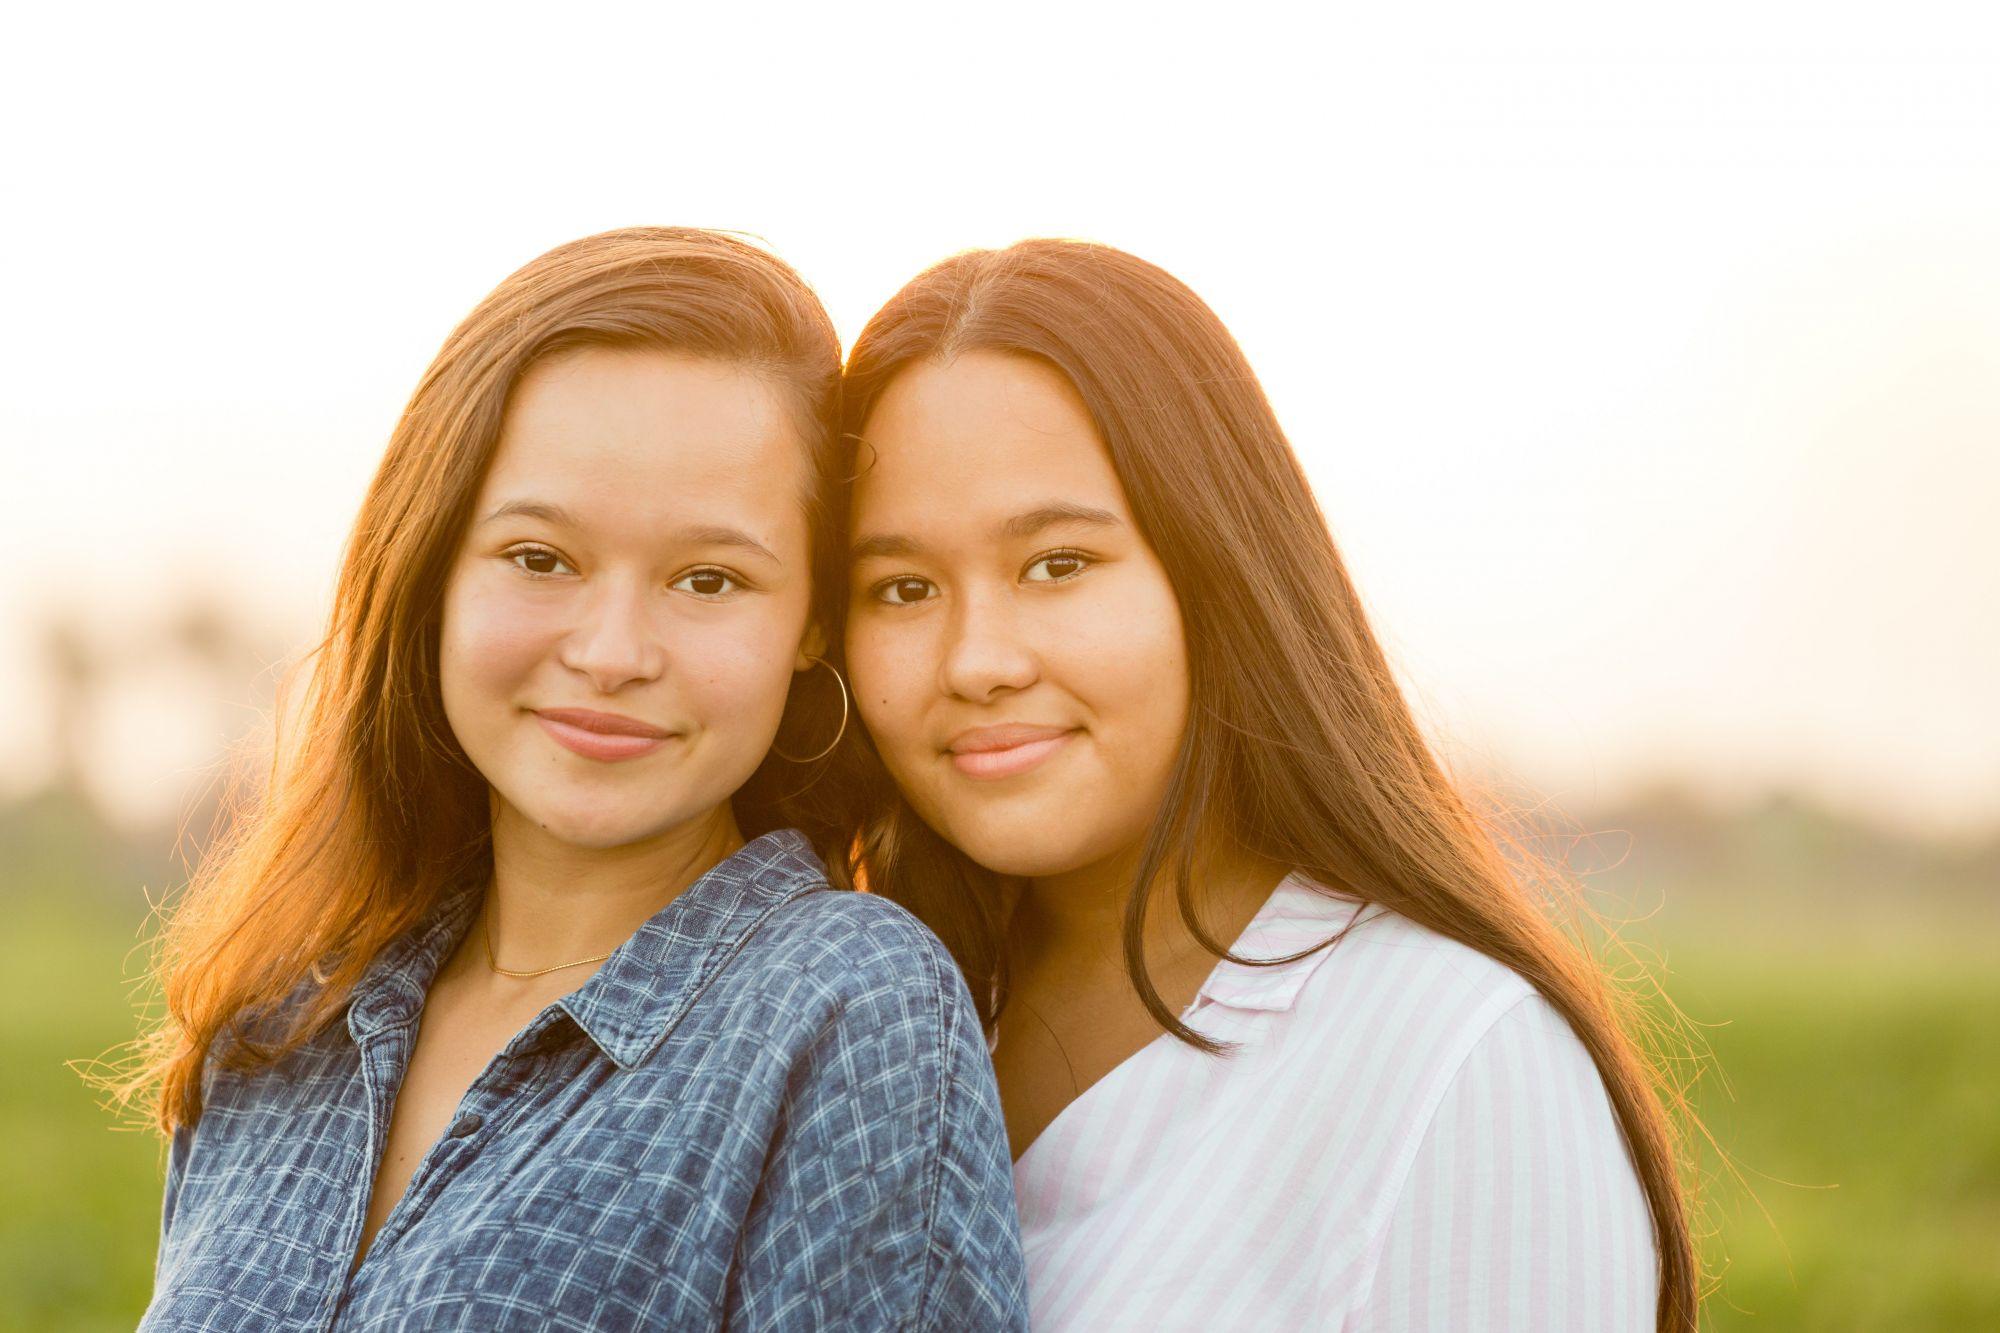 Melati and Isabel Wijsen